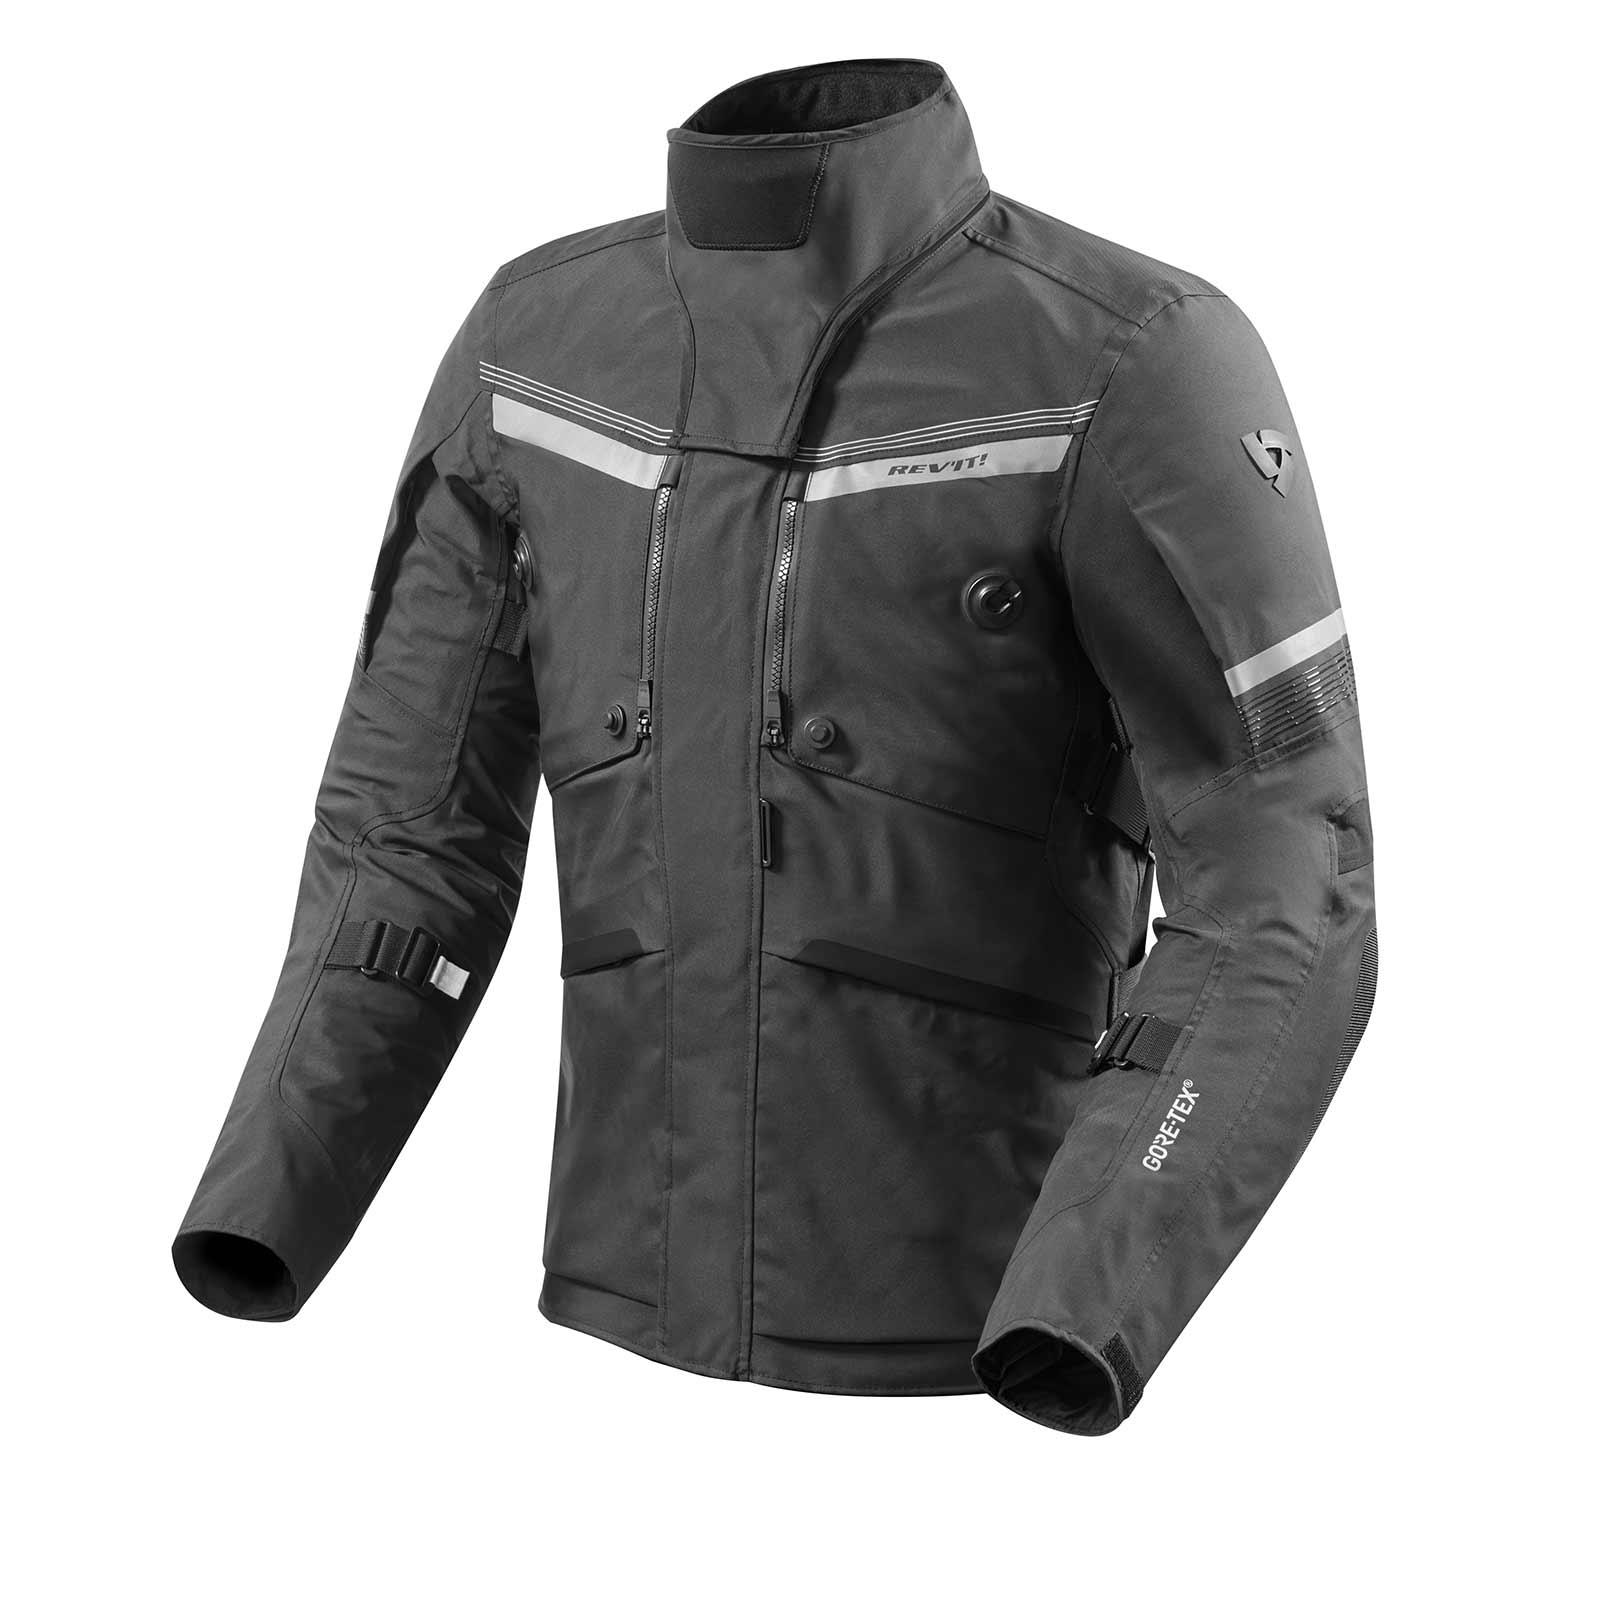 Rev'itPoseidon Gtx Jacket Jacket Gtx 2 2 Noir Gtx 2 Noir Rev'itPoseidon Rev'itPoseidon VMSzqGUp